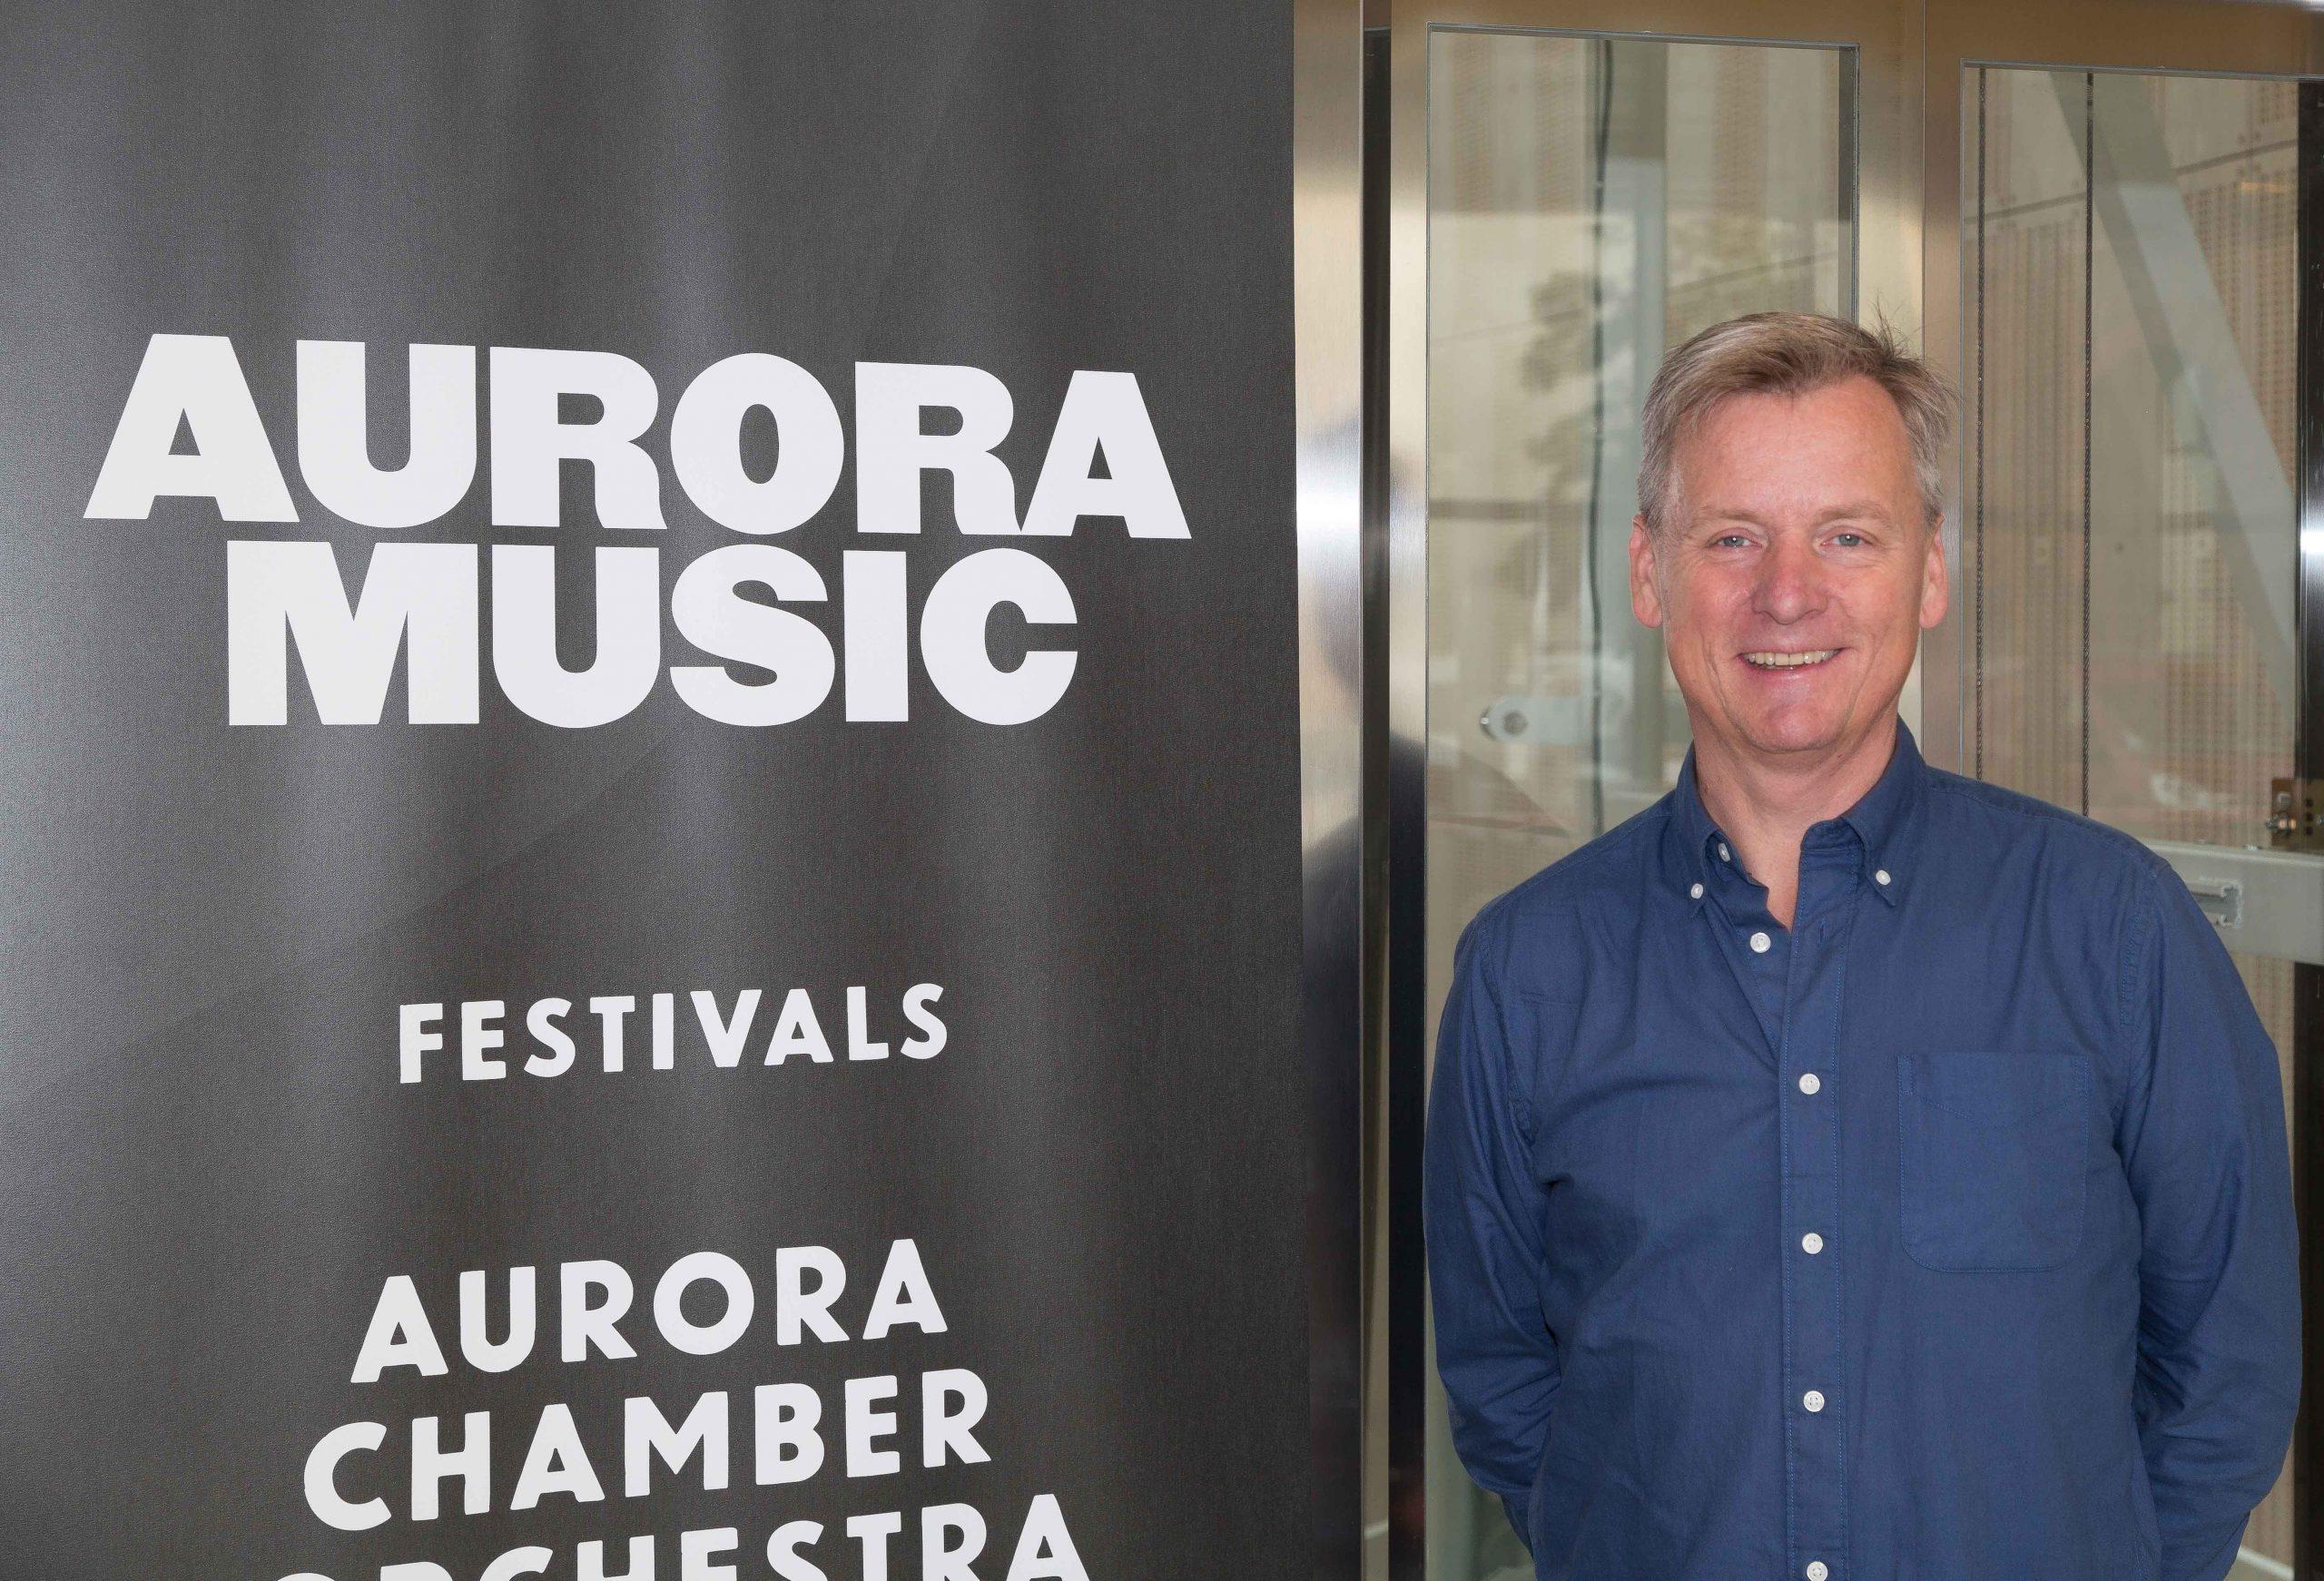 Aurora Chamber Music flyttar från Västsverige